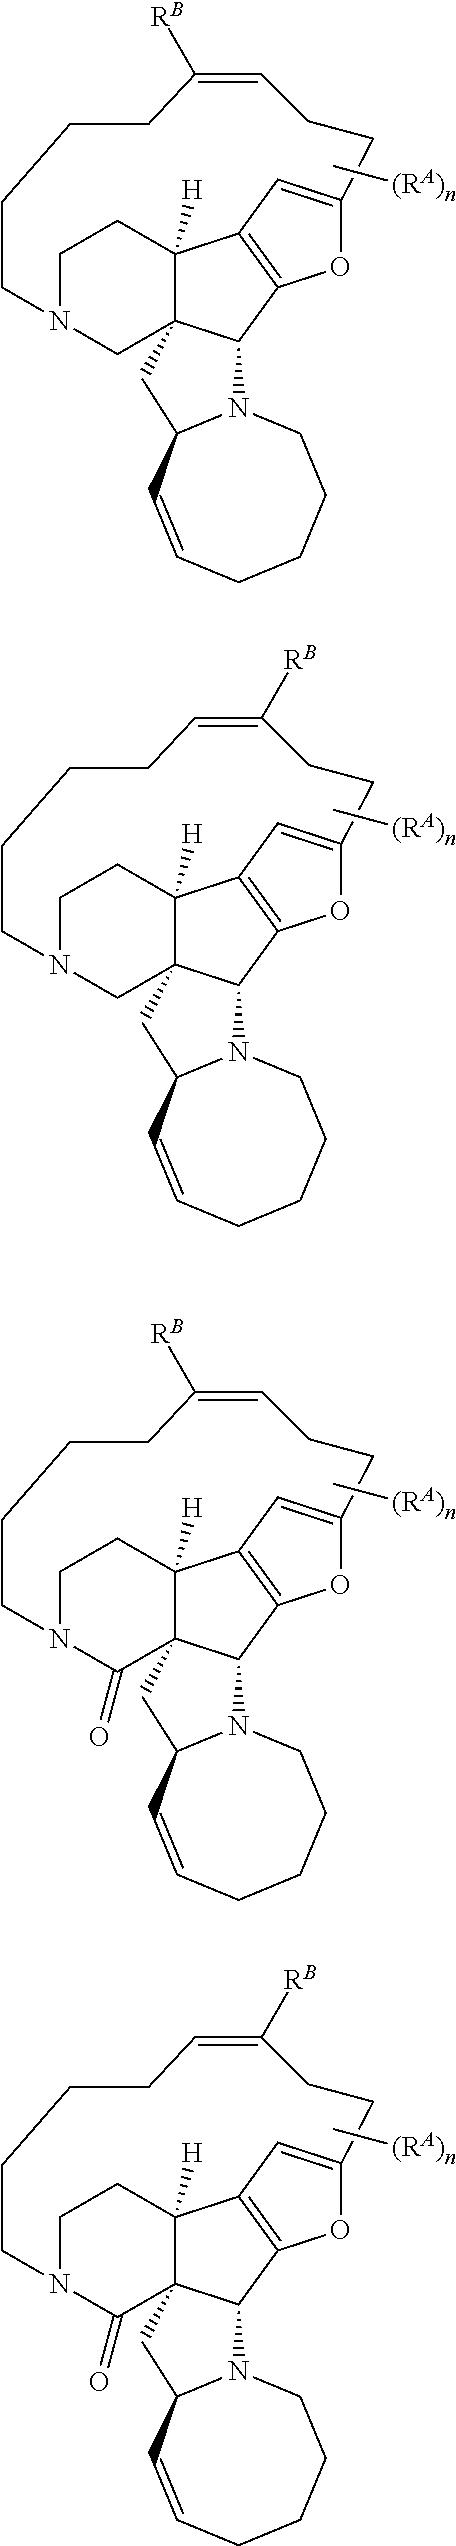 Figure US09446394-20160920-C00090